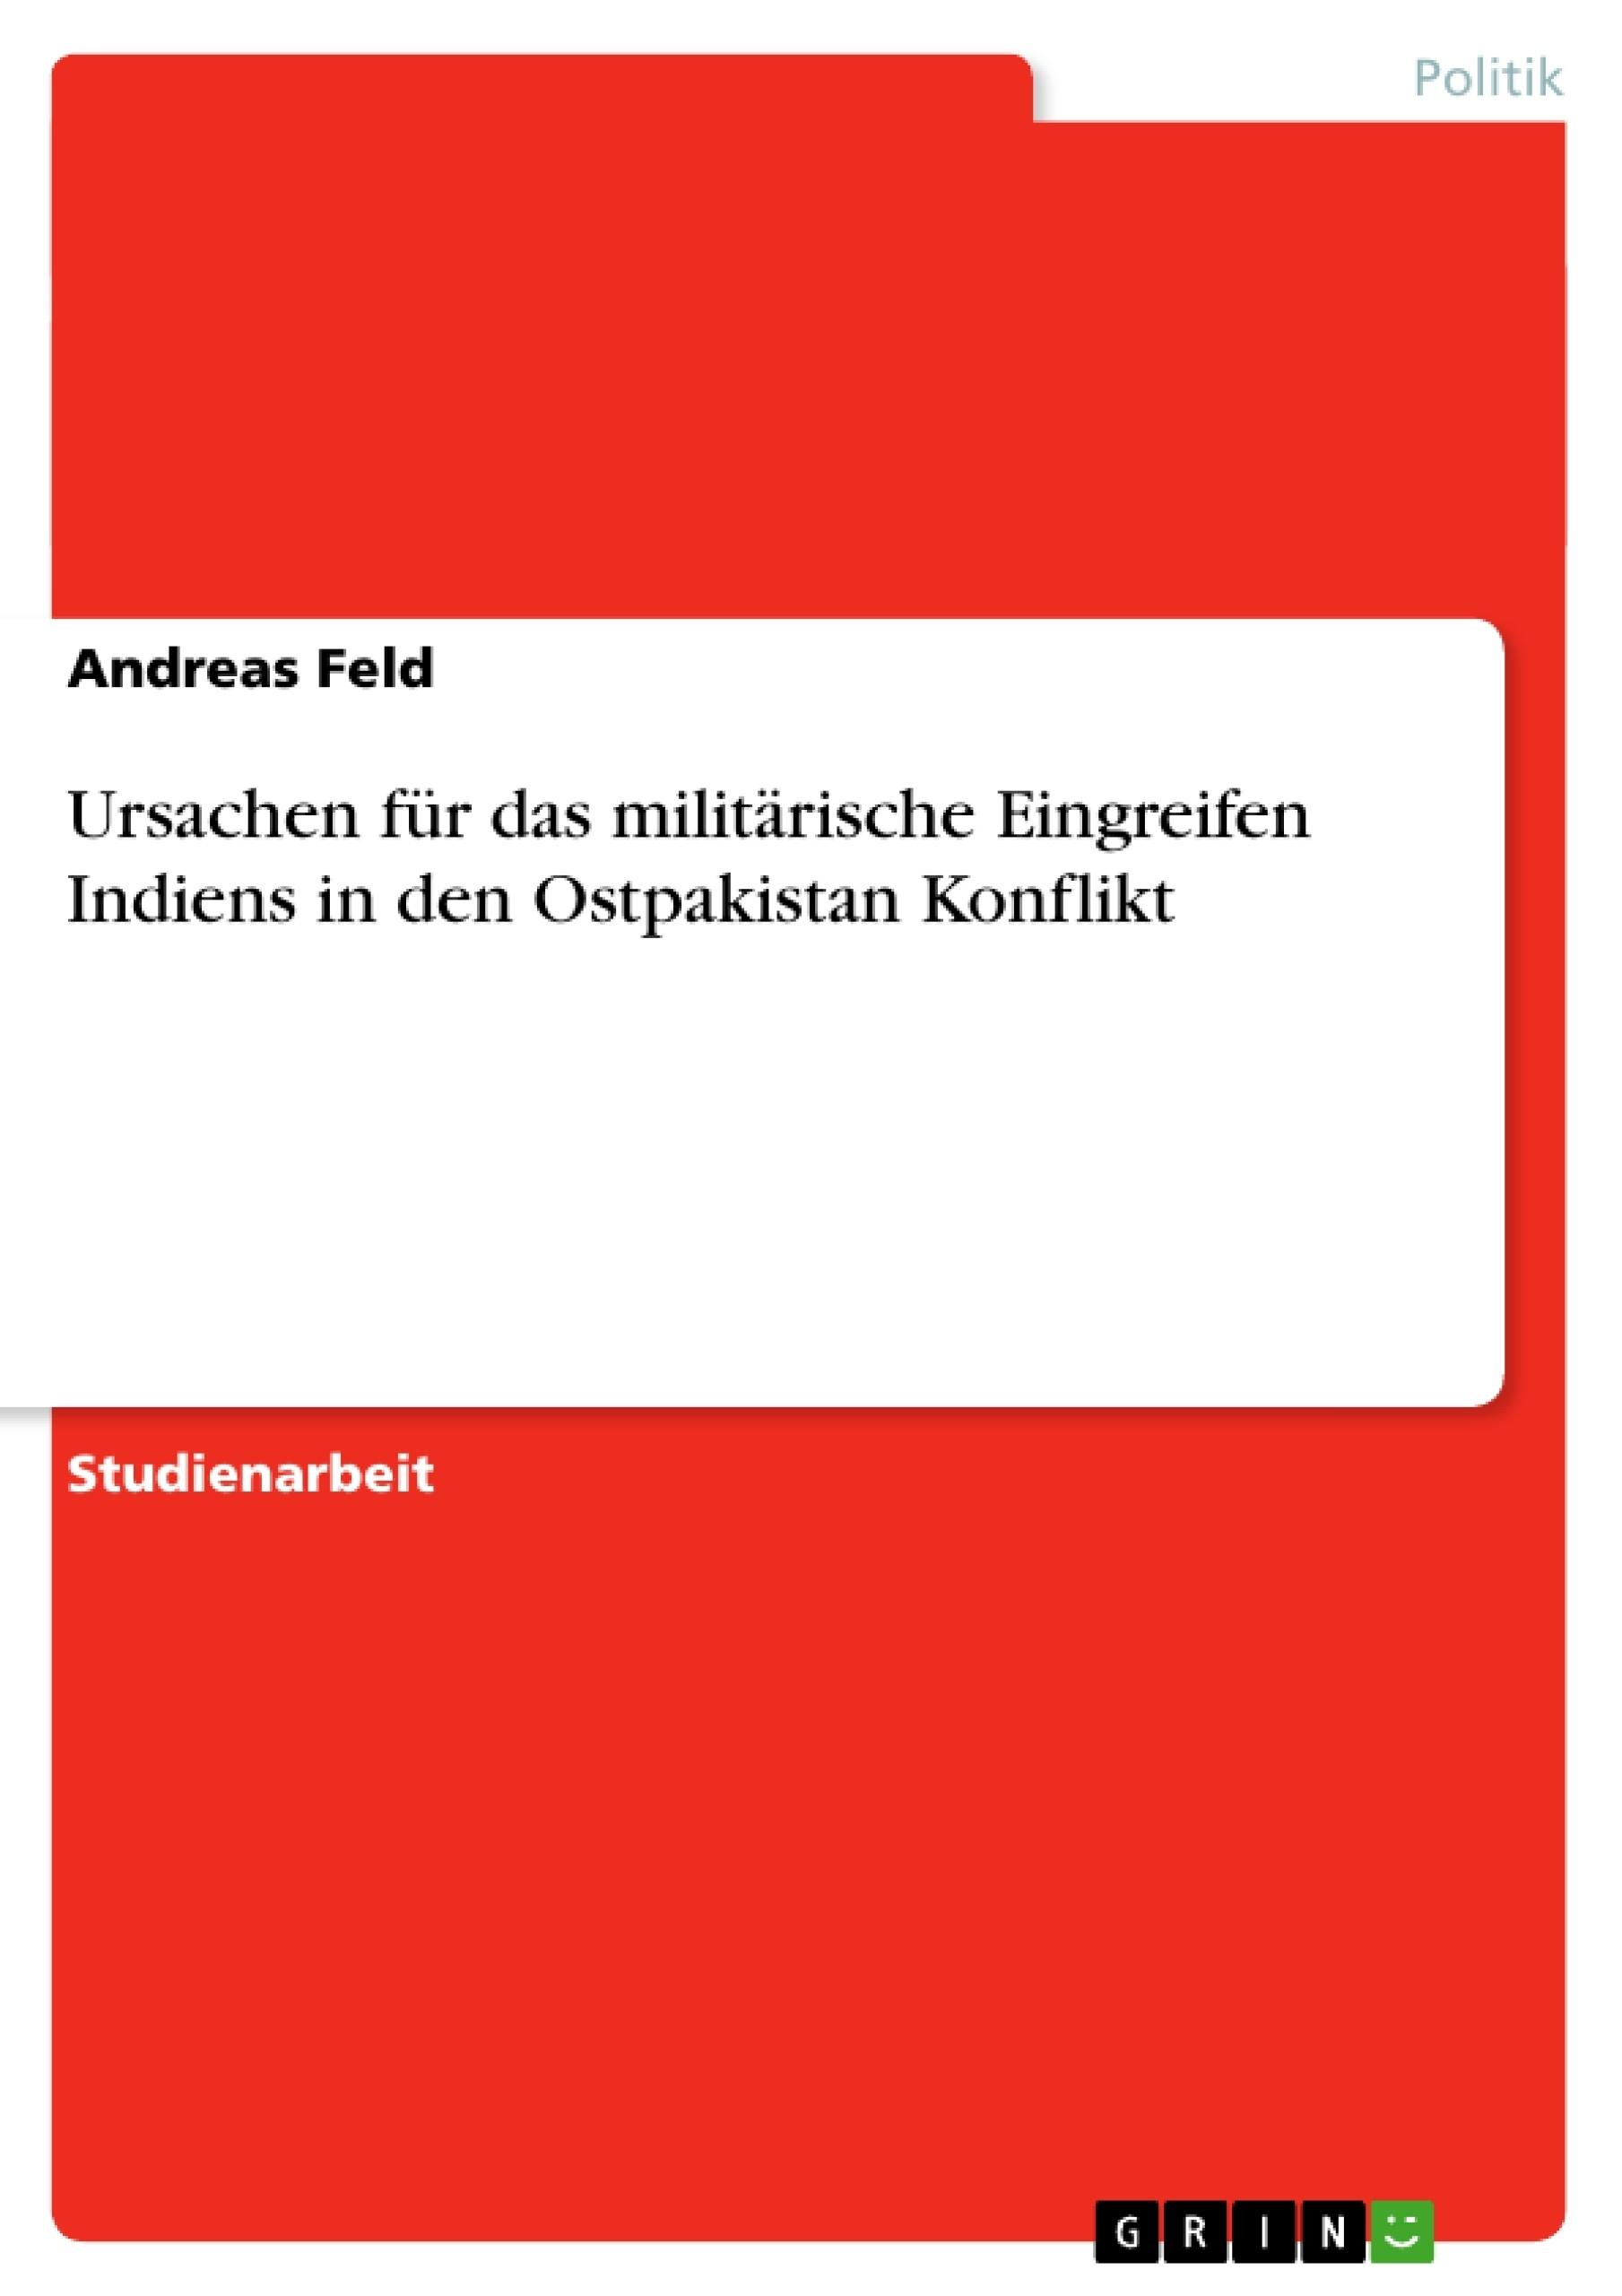 Titel: Ursachen für das militärische Eingreifen Indiens in den Ostpakistan Konflikt